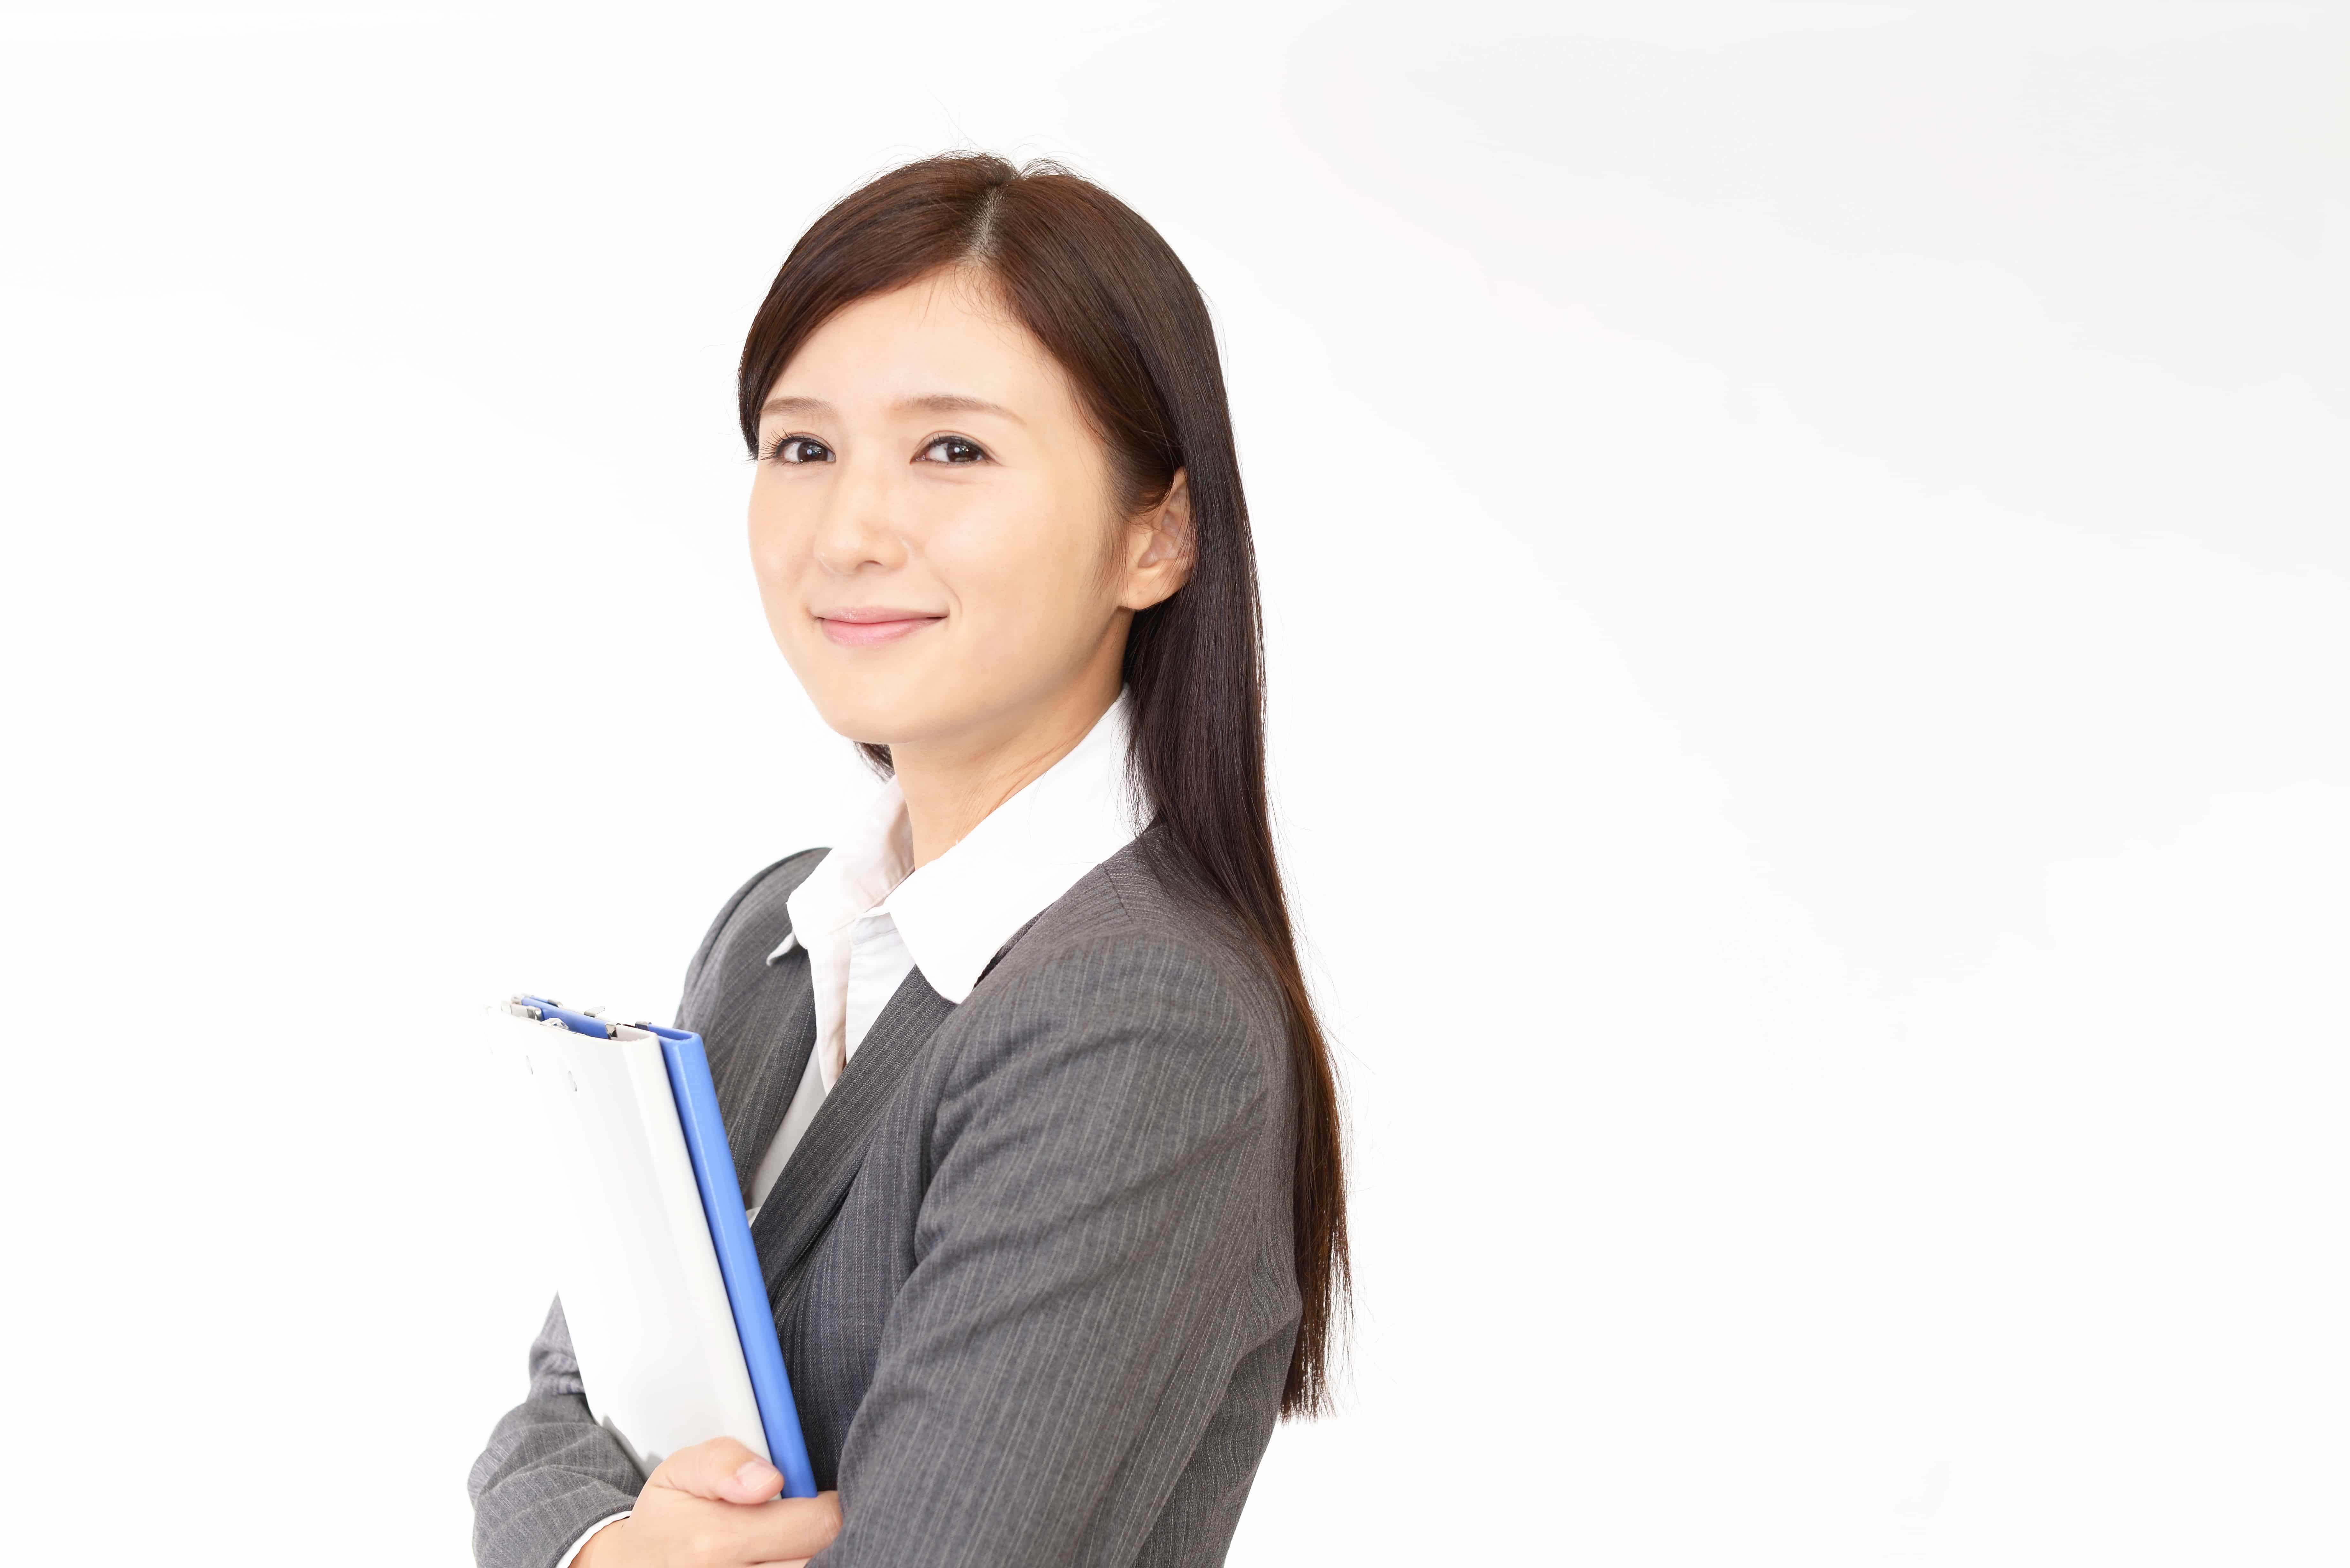 書類を持つ女性